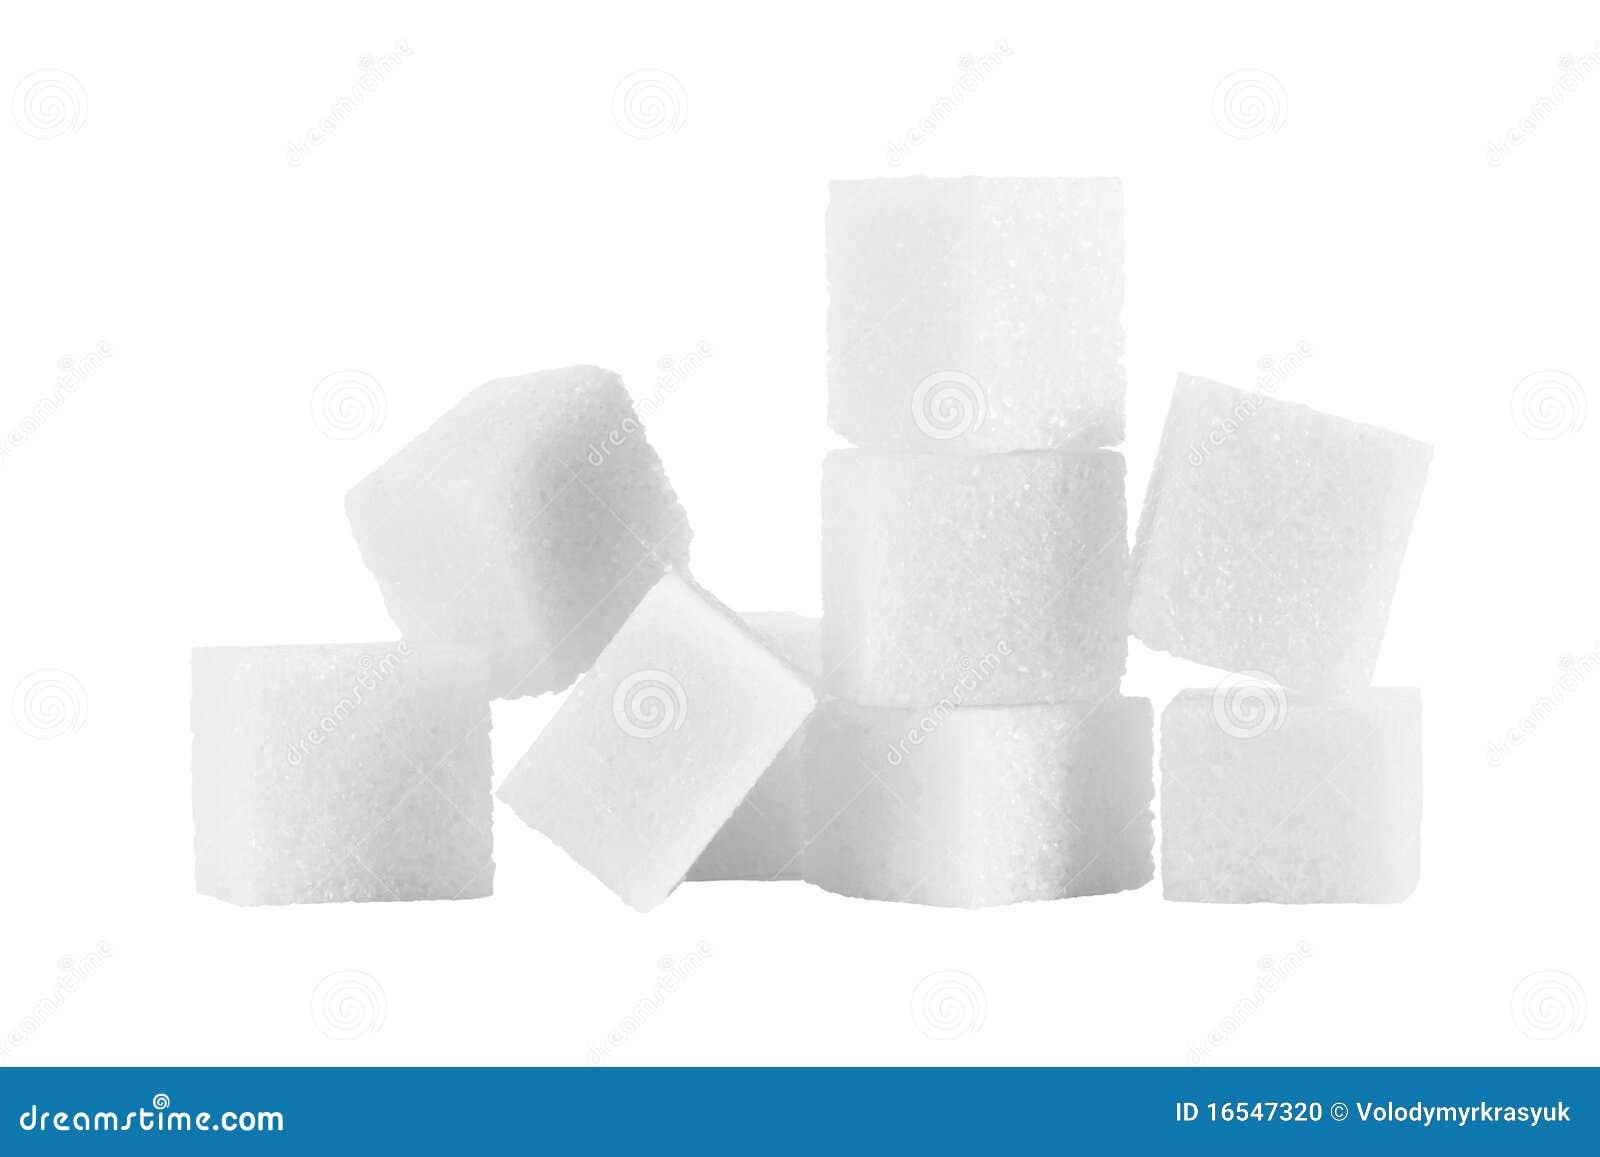 Sugar pile isol...